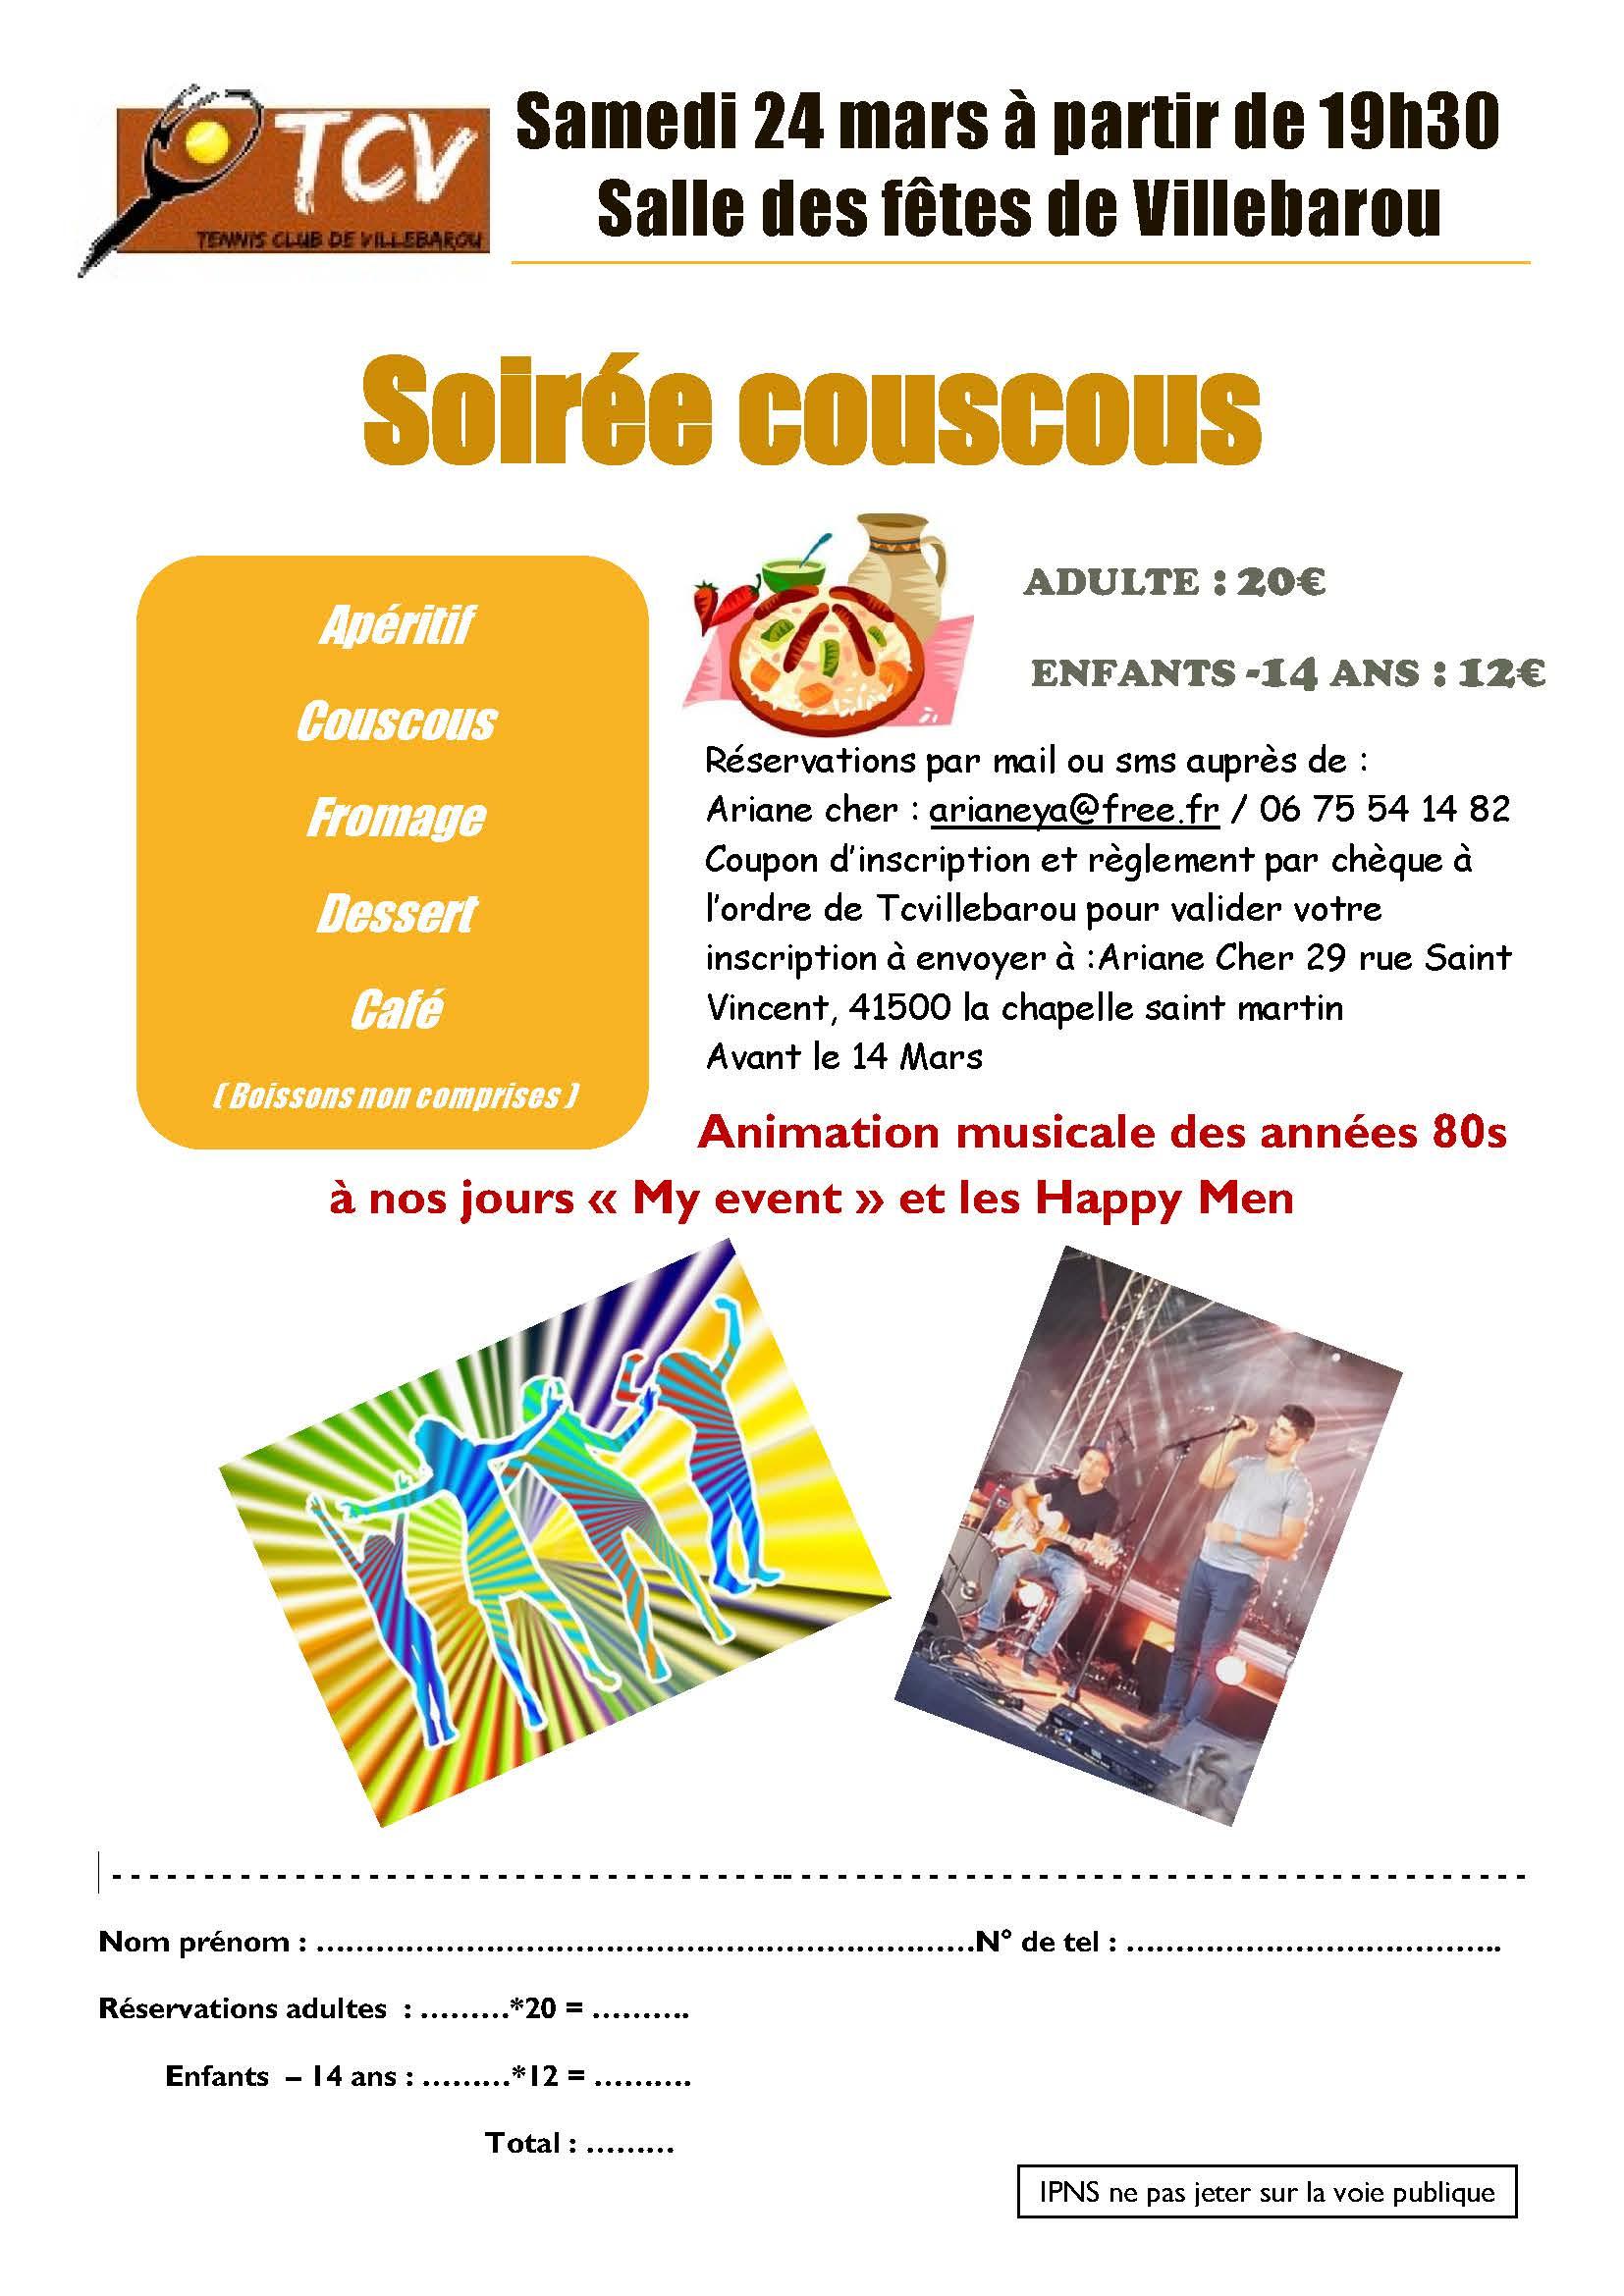 Tennis Club Villebarou-Soirée Coucous